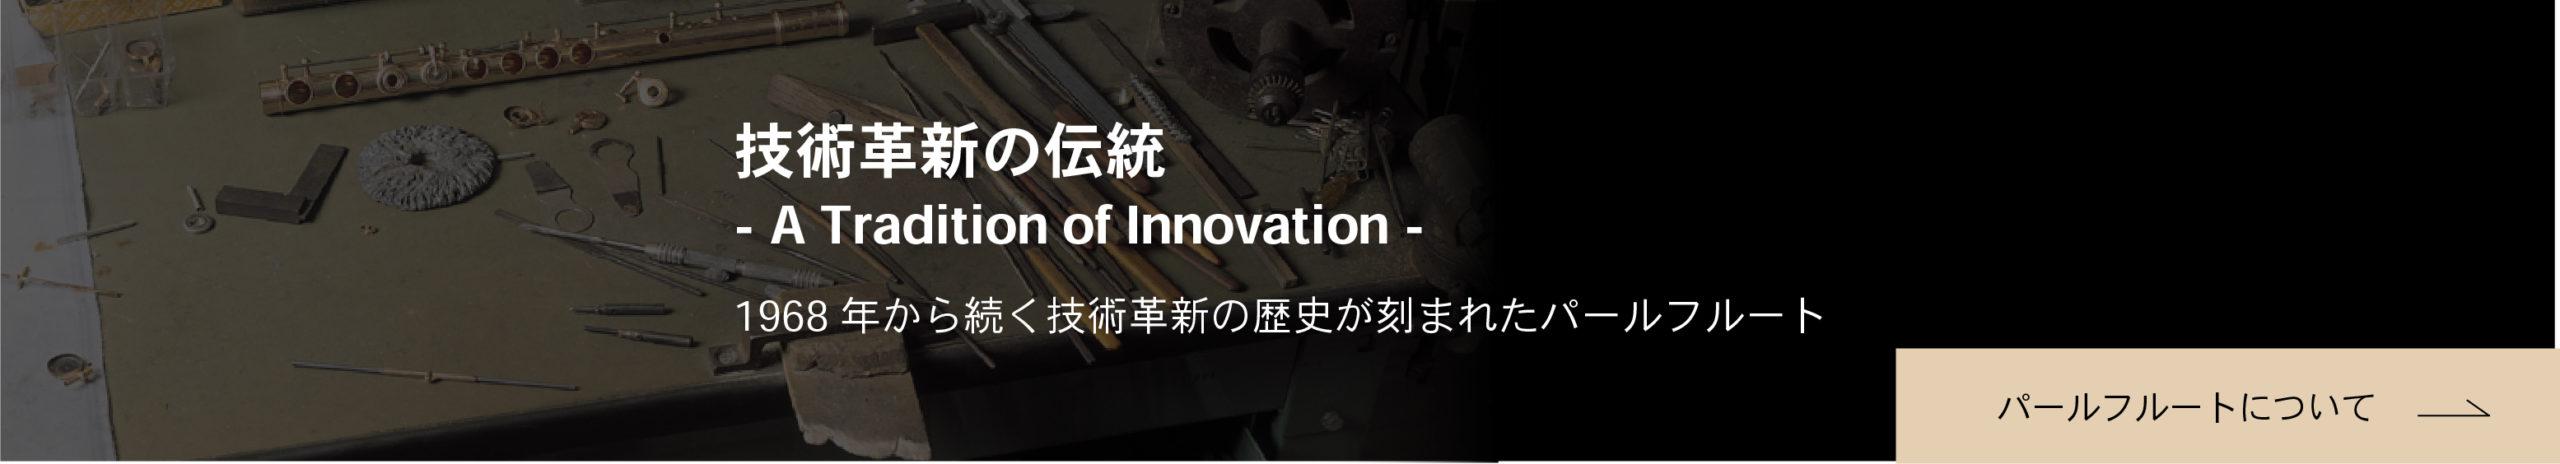 技術革新の伝統 - A Tradition of Innovation - 1968年から続く技術革新の歴史が刻まれたパールフルート